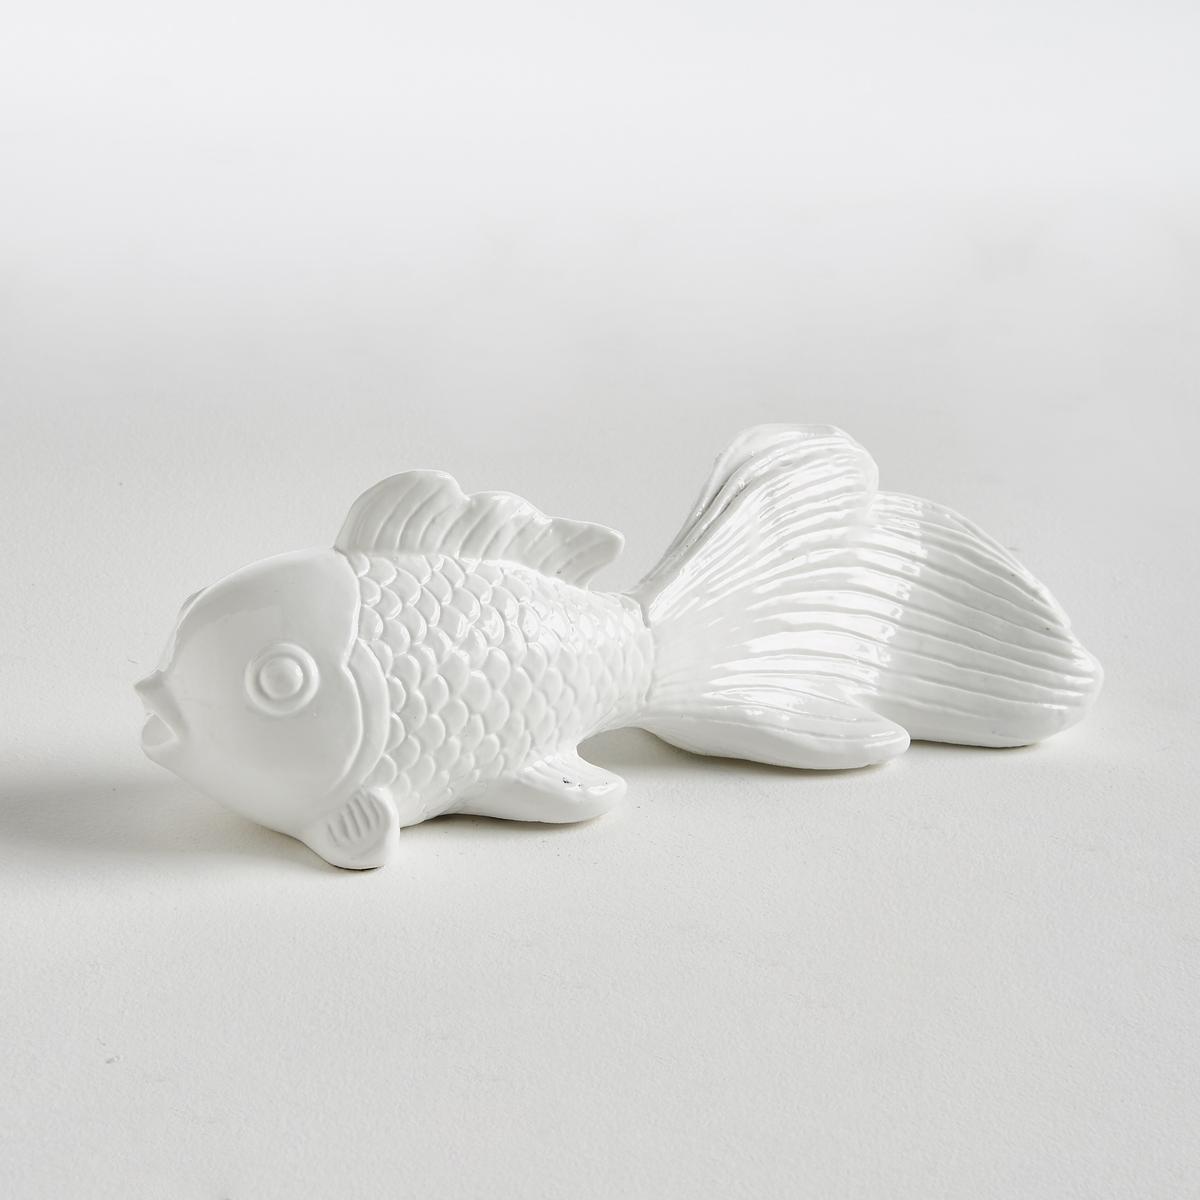 Рыба керамическая эмалированная Carassius куплю торговля котлас рыба свежемороженная оптом хладокомбинат